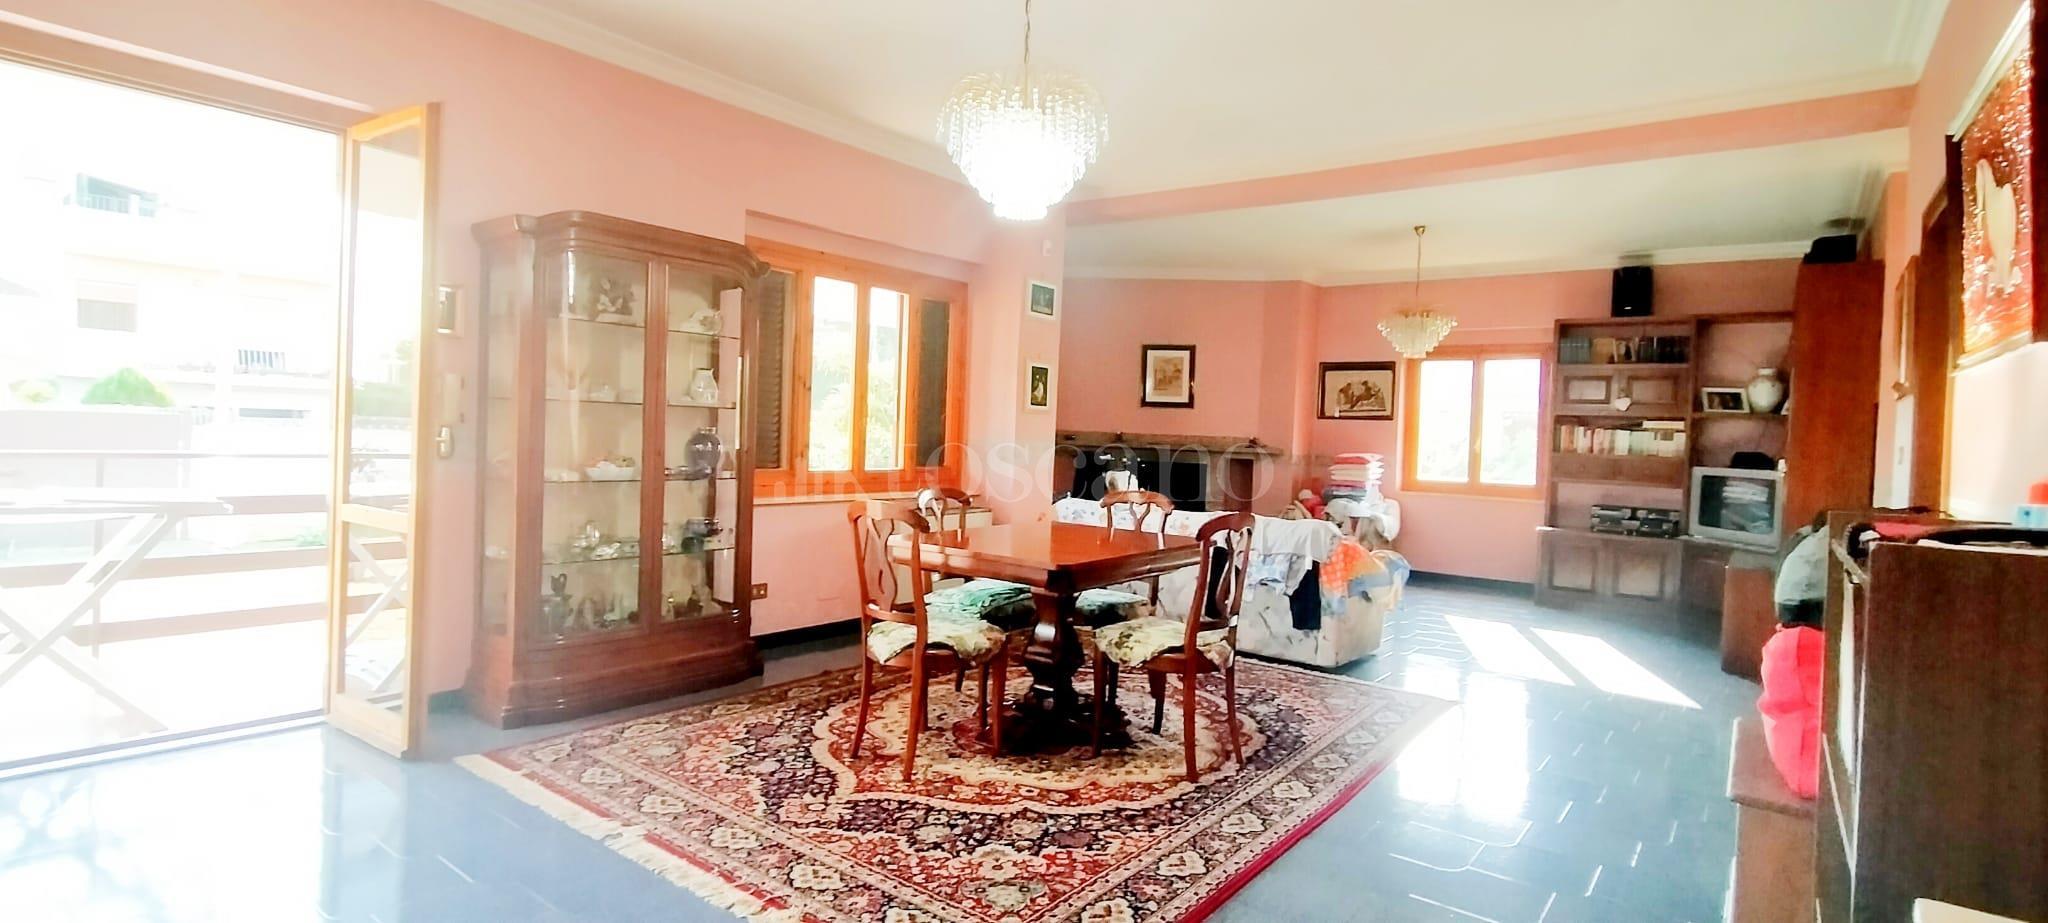 Villa in vendita di 350 mq a €799.000 (rif. 58/2020) immagine 8 di 15